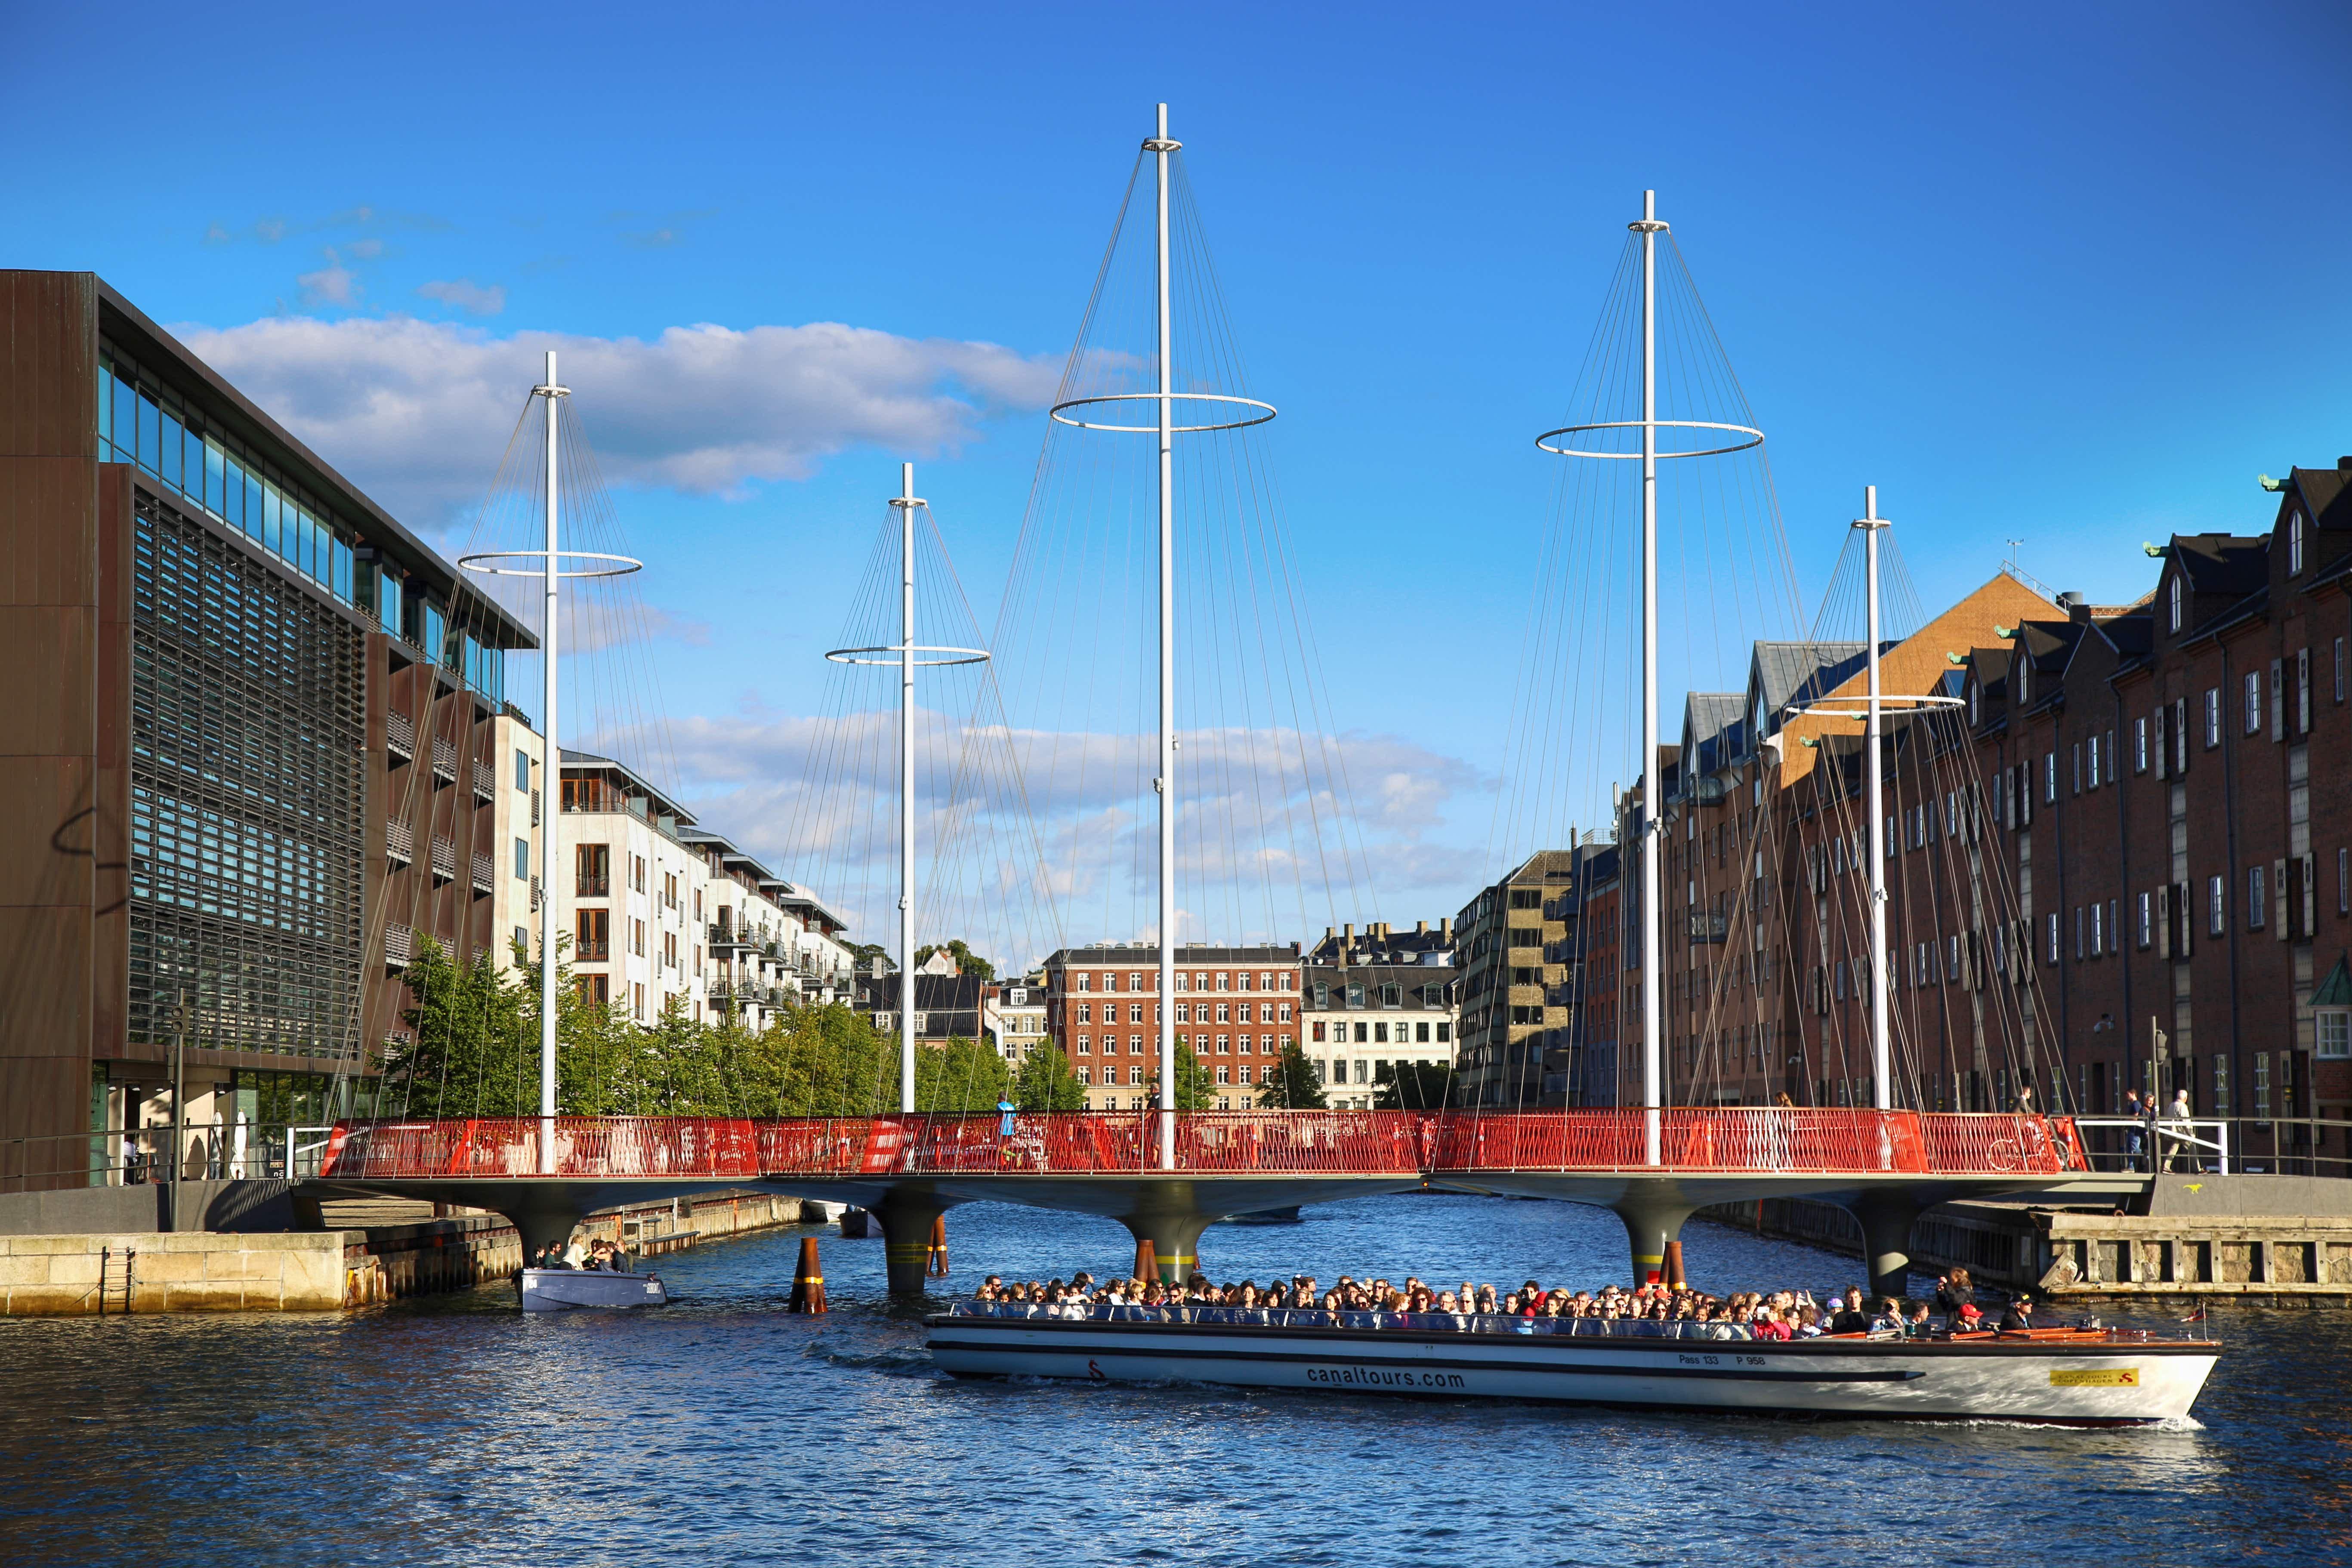 Waterside wanderings: adventures on Copenhagen's harbours and canals